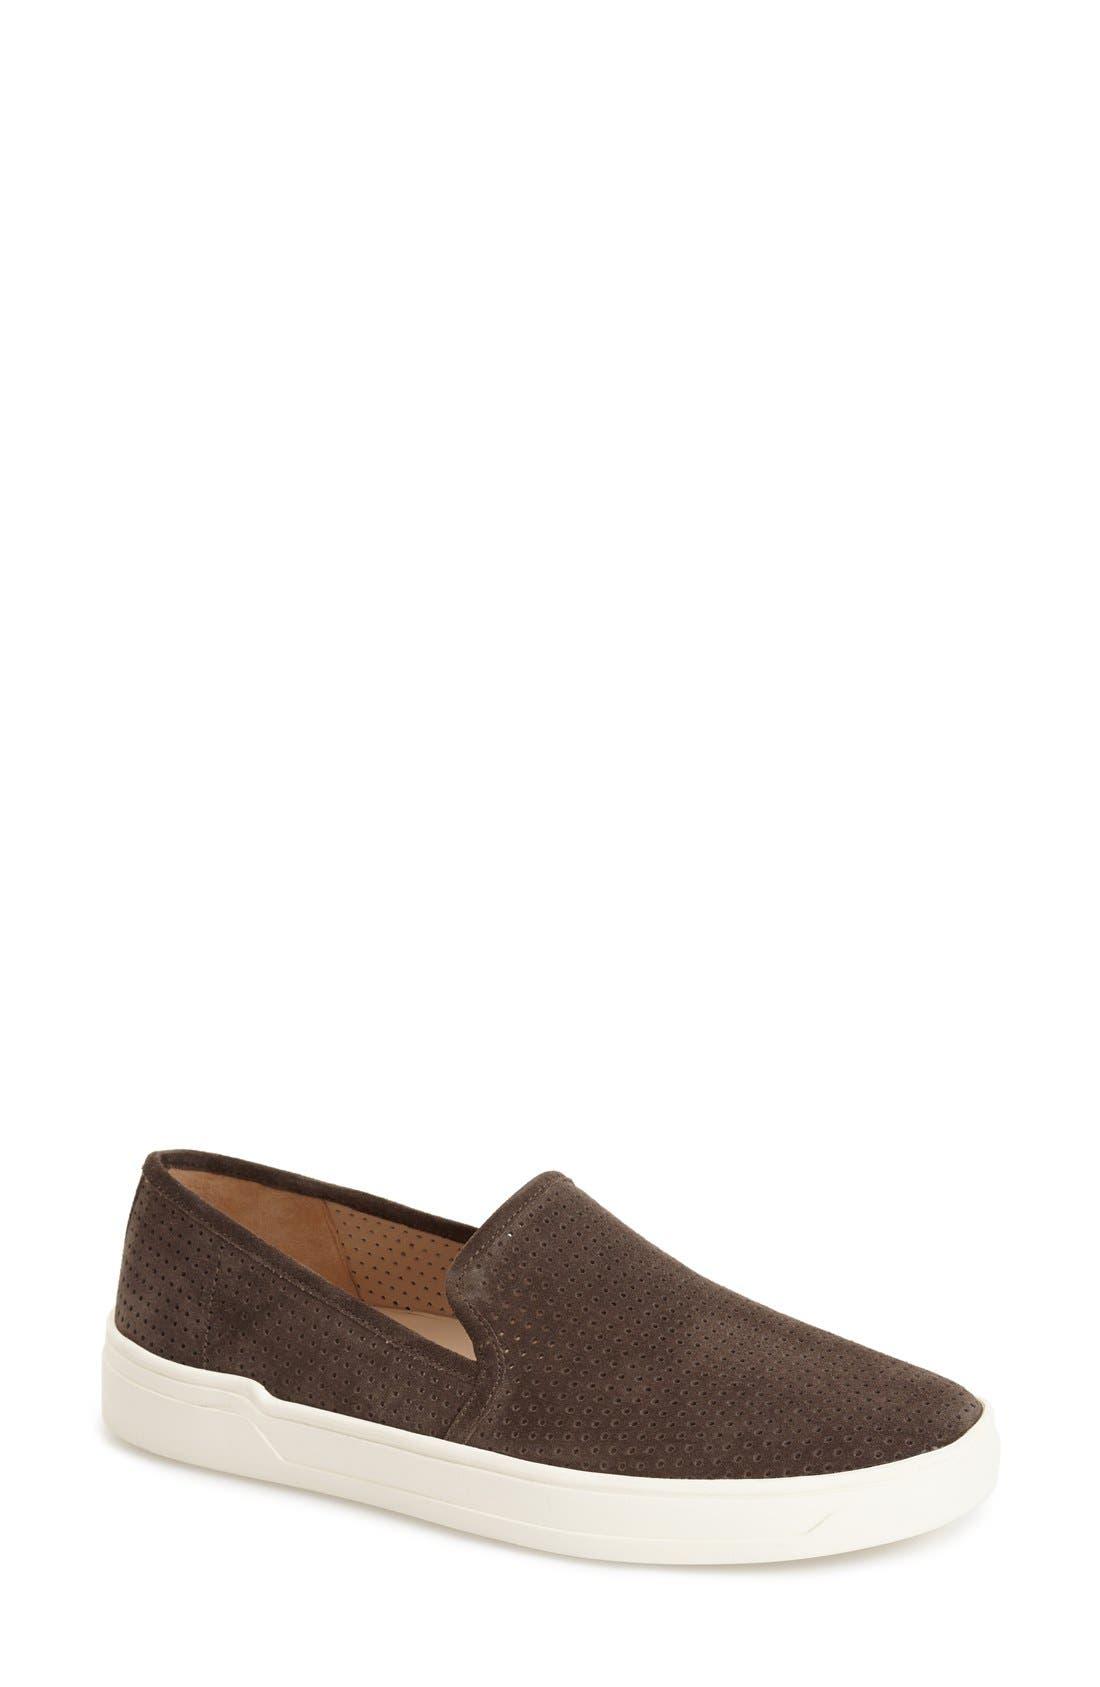 Alternate Image 1 Selected - Via Spiga 'Galea' Leather Slip-On Sneaker (Women)